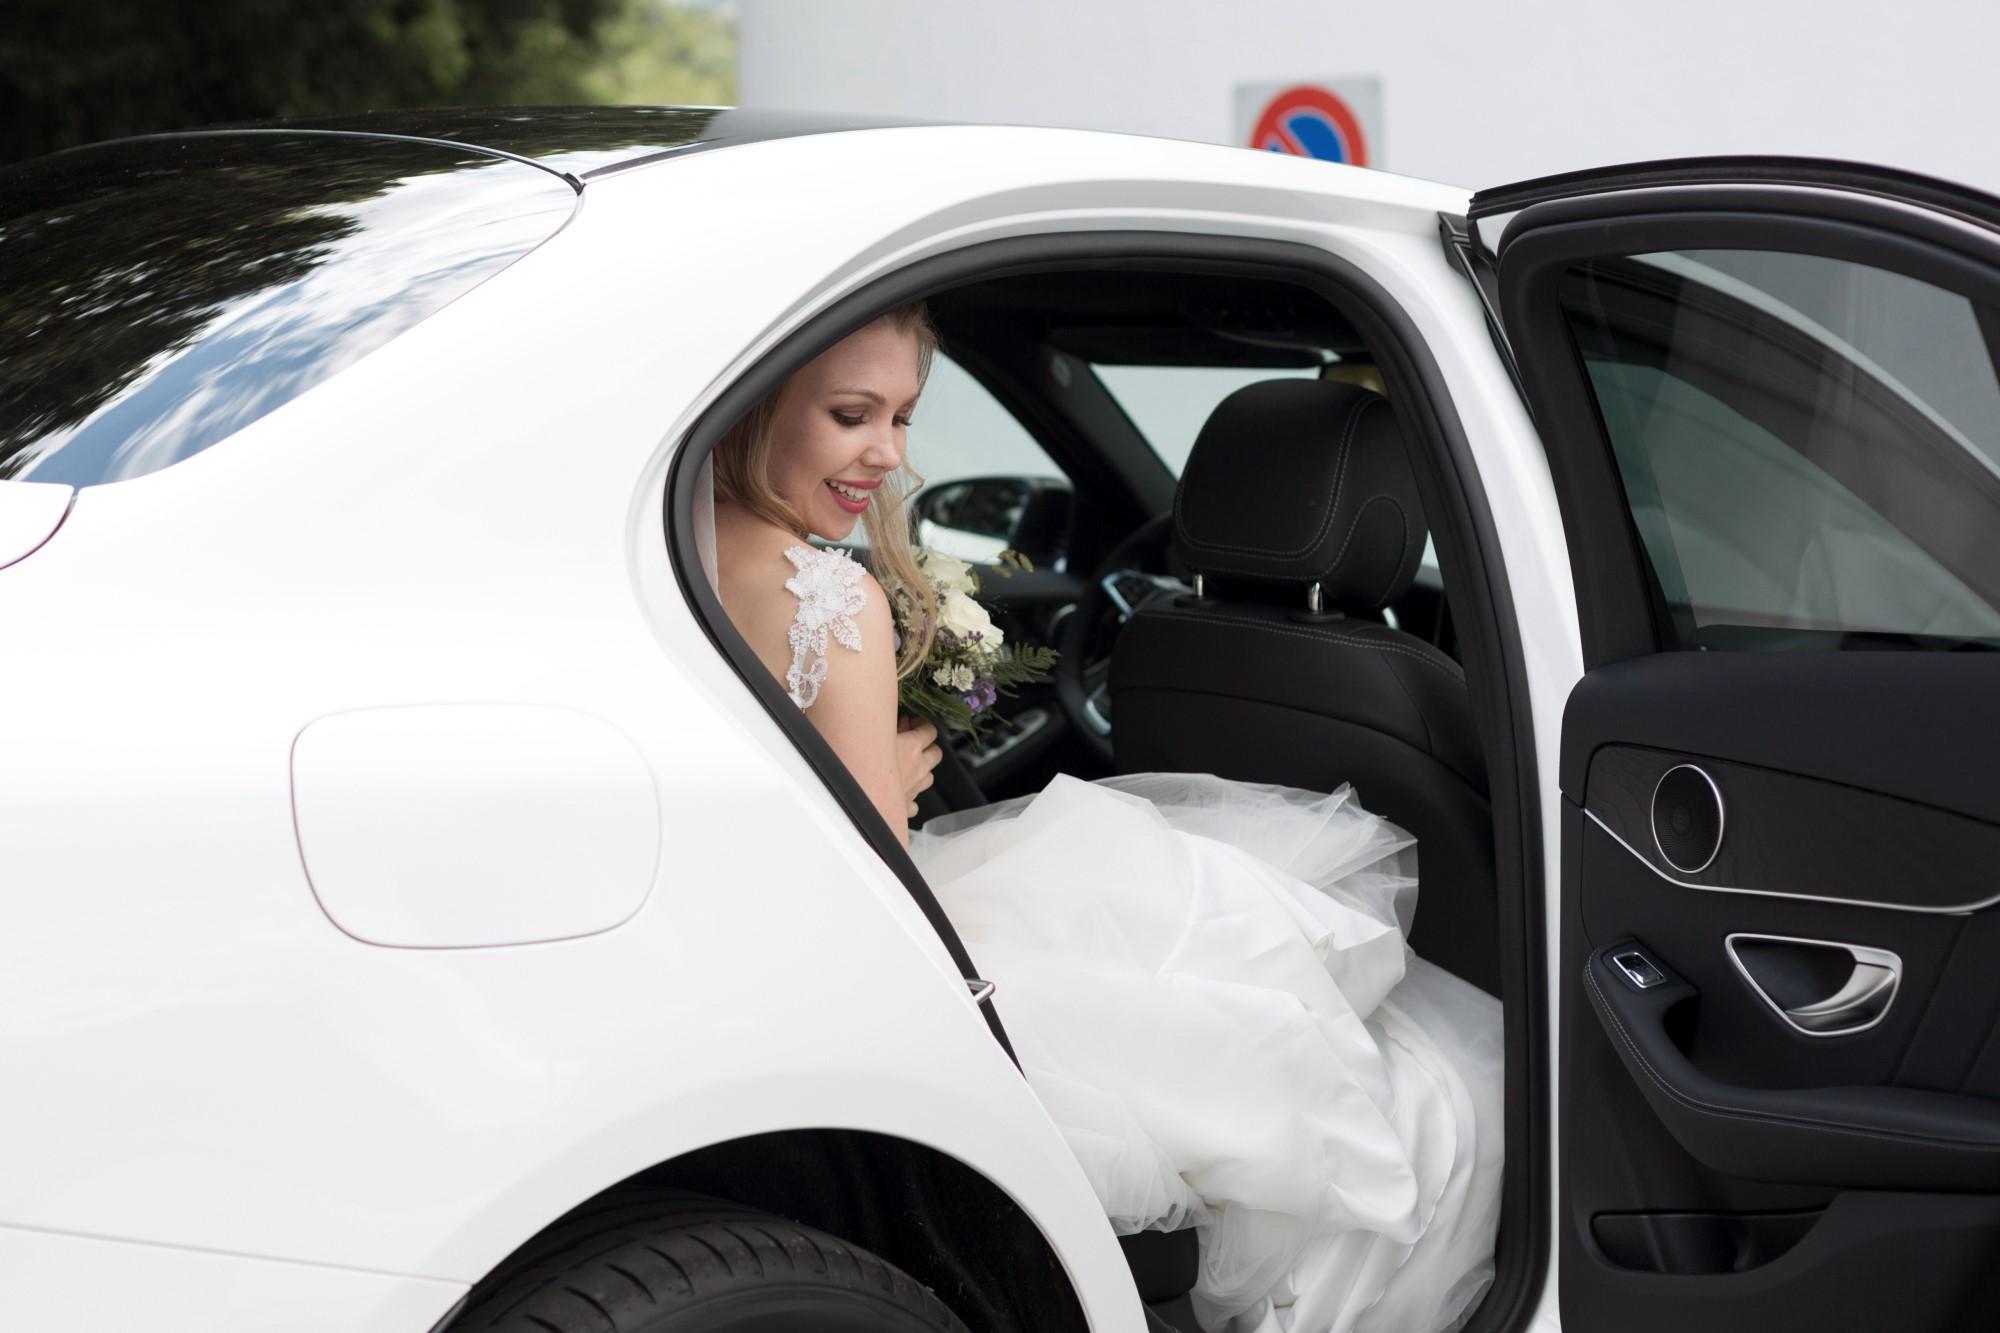 Die Braut steigt aus dem Hochzeitswagen aus